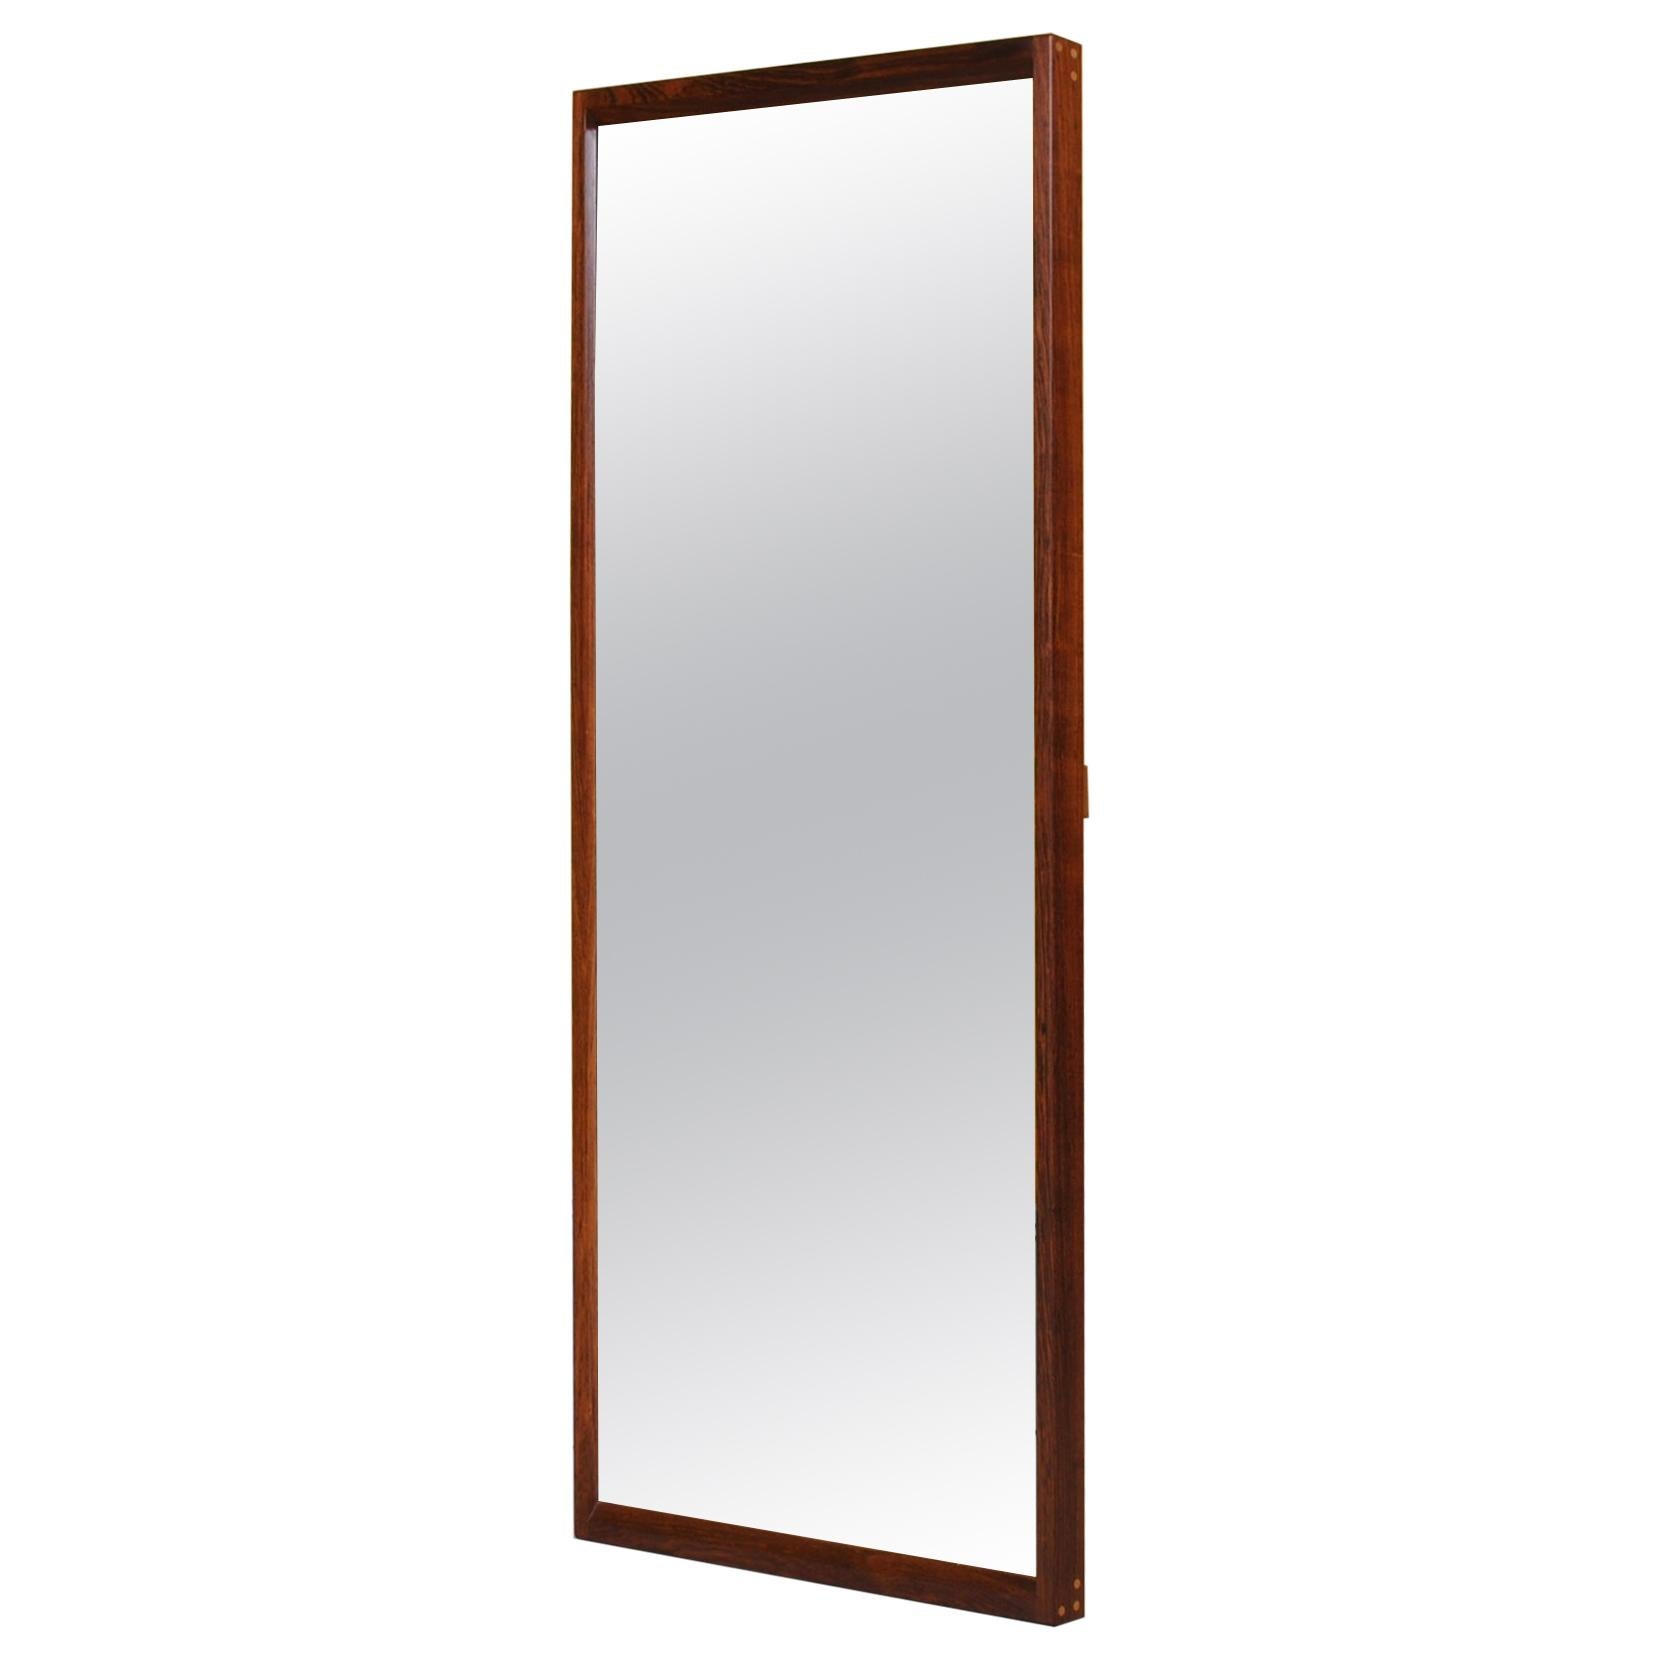 Danish Rosewood Midcentury Mirror, Aksel Kjersgaard